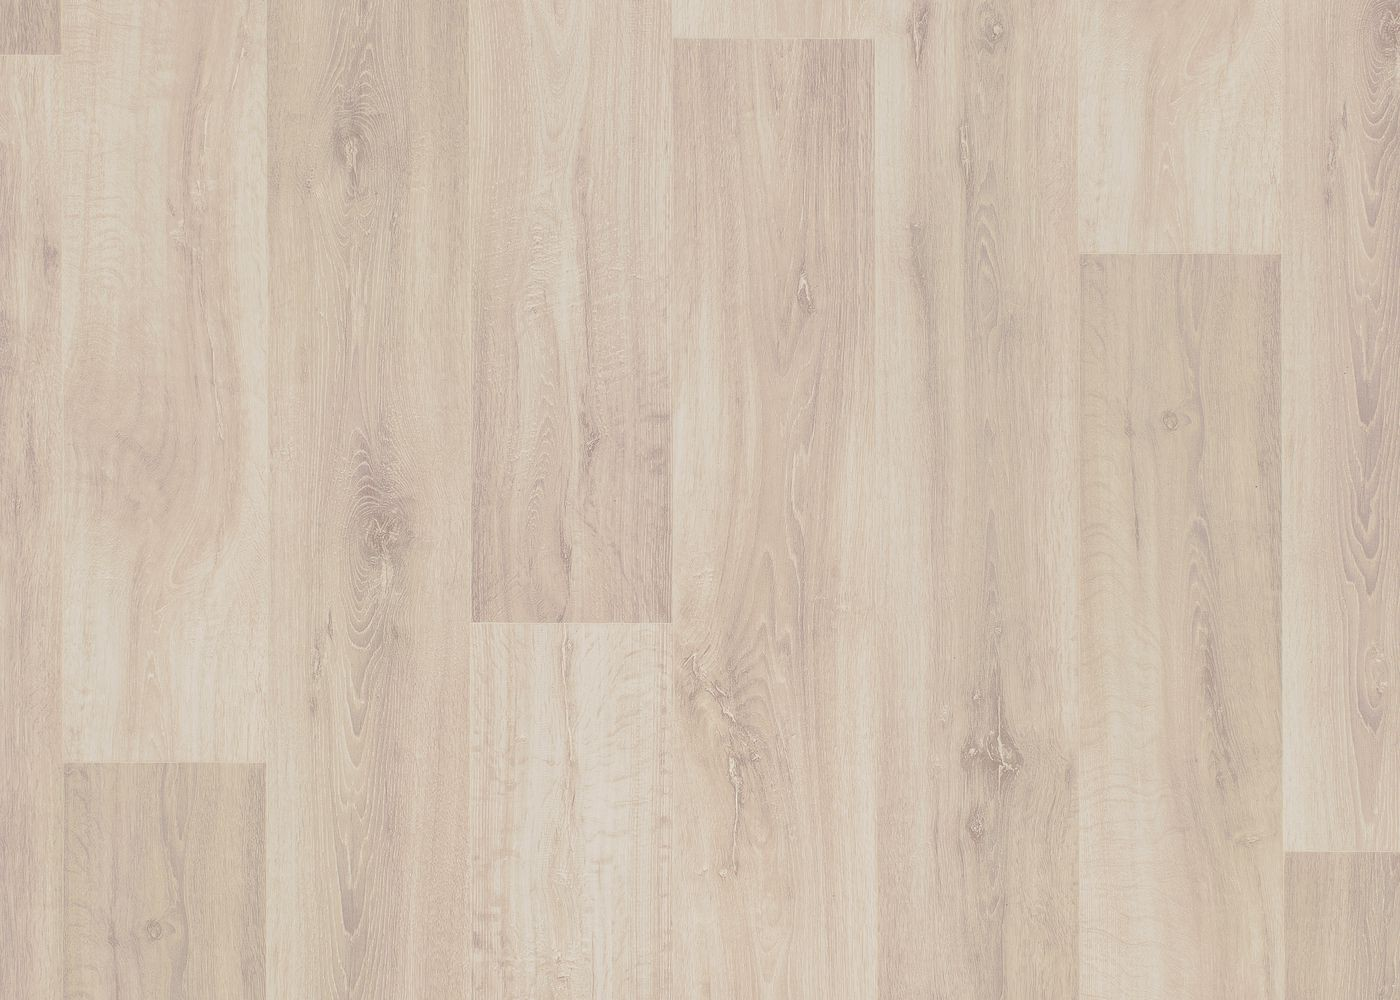 Lames vinyles passage intensif clipsable 55 monolame g4 décor Chêne lime 139s - couche d'usure 0,55mm Passage intensif